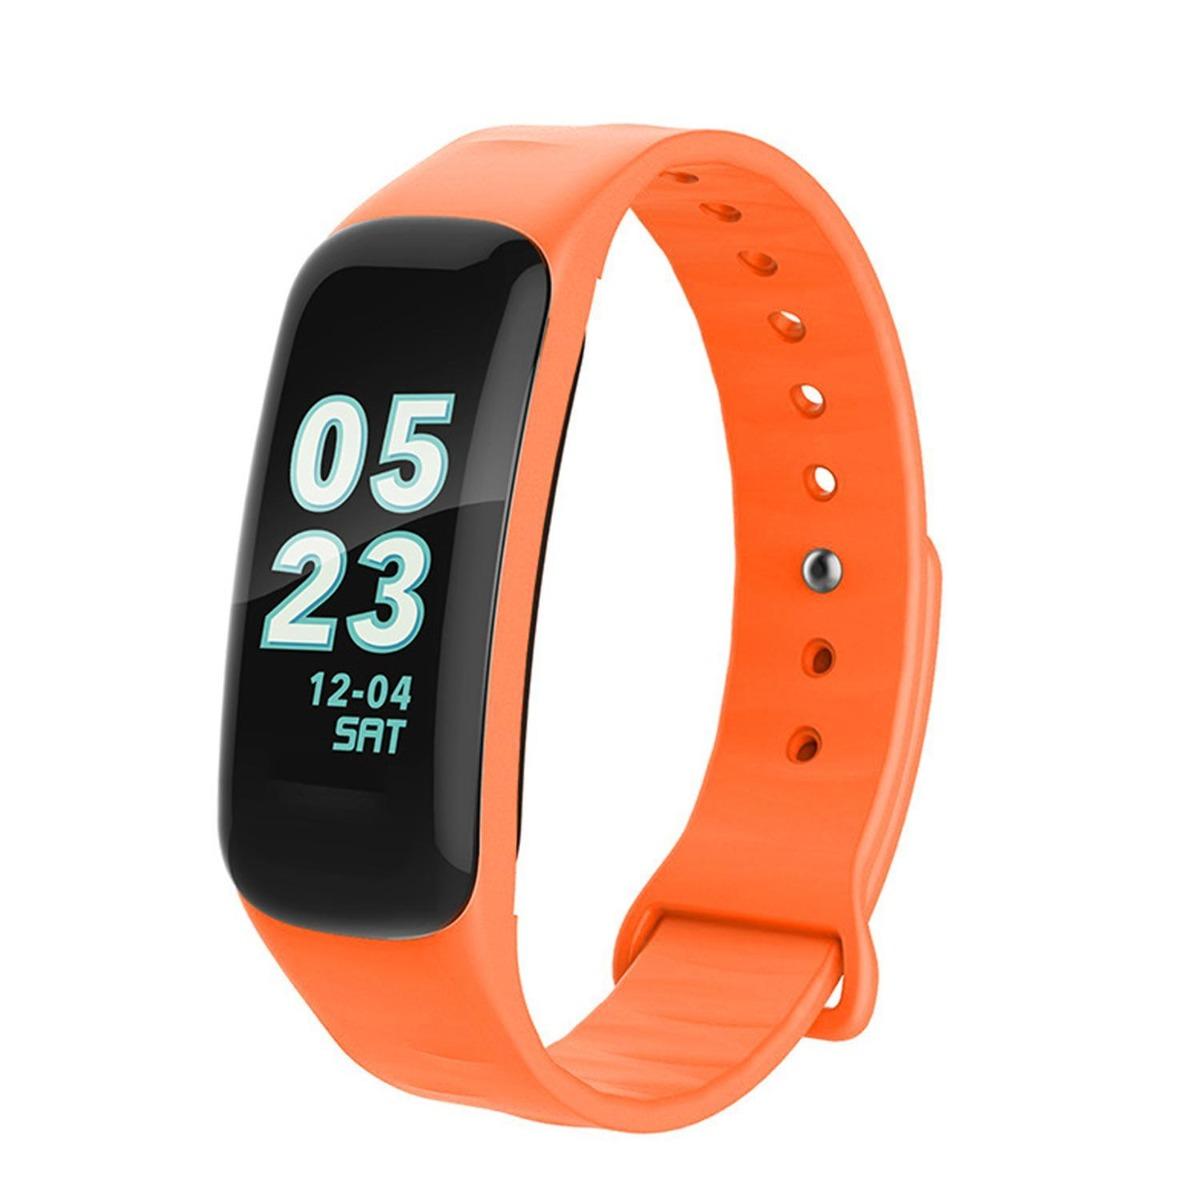 Pulsera Impermeable Multifuncional De Bracelet Reloj Deport BCWdxoer